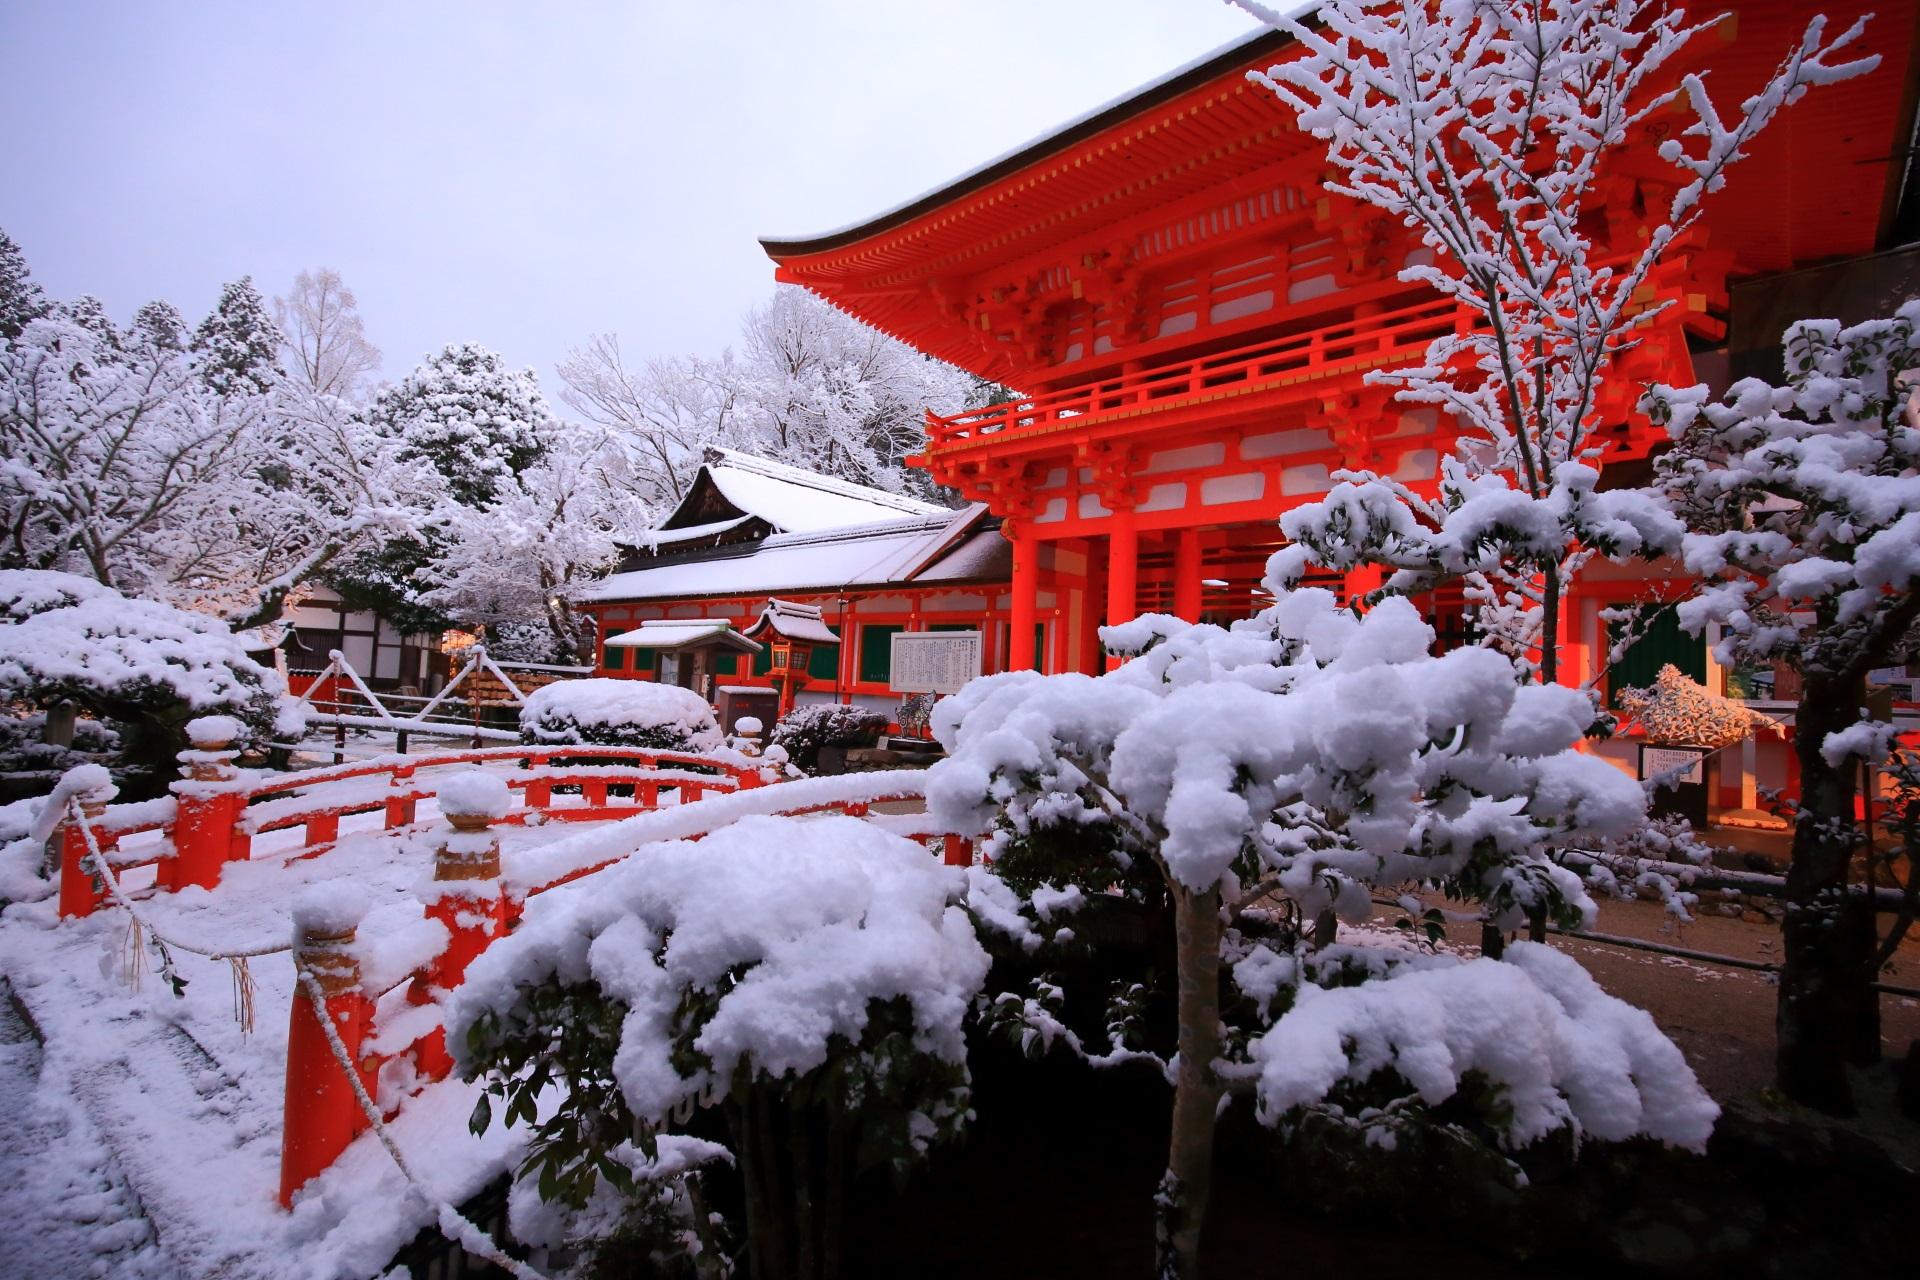 上賀茂神社の朱色の楼門を染める真っ白な雪